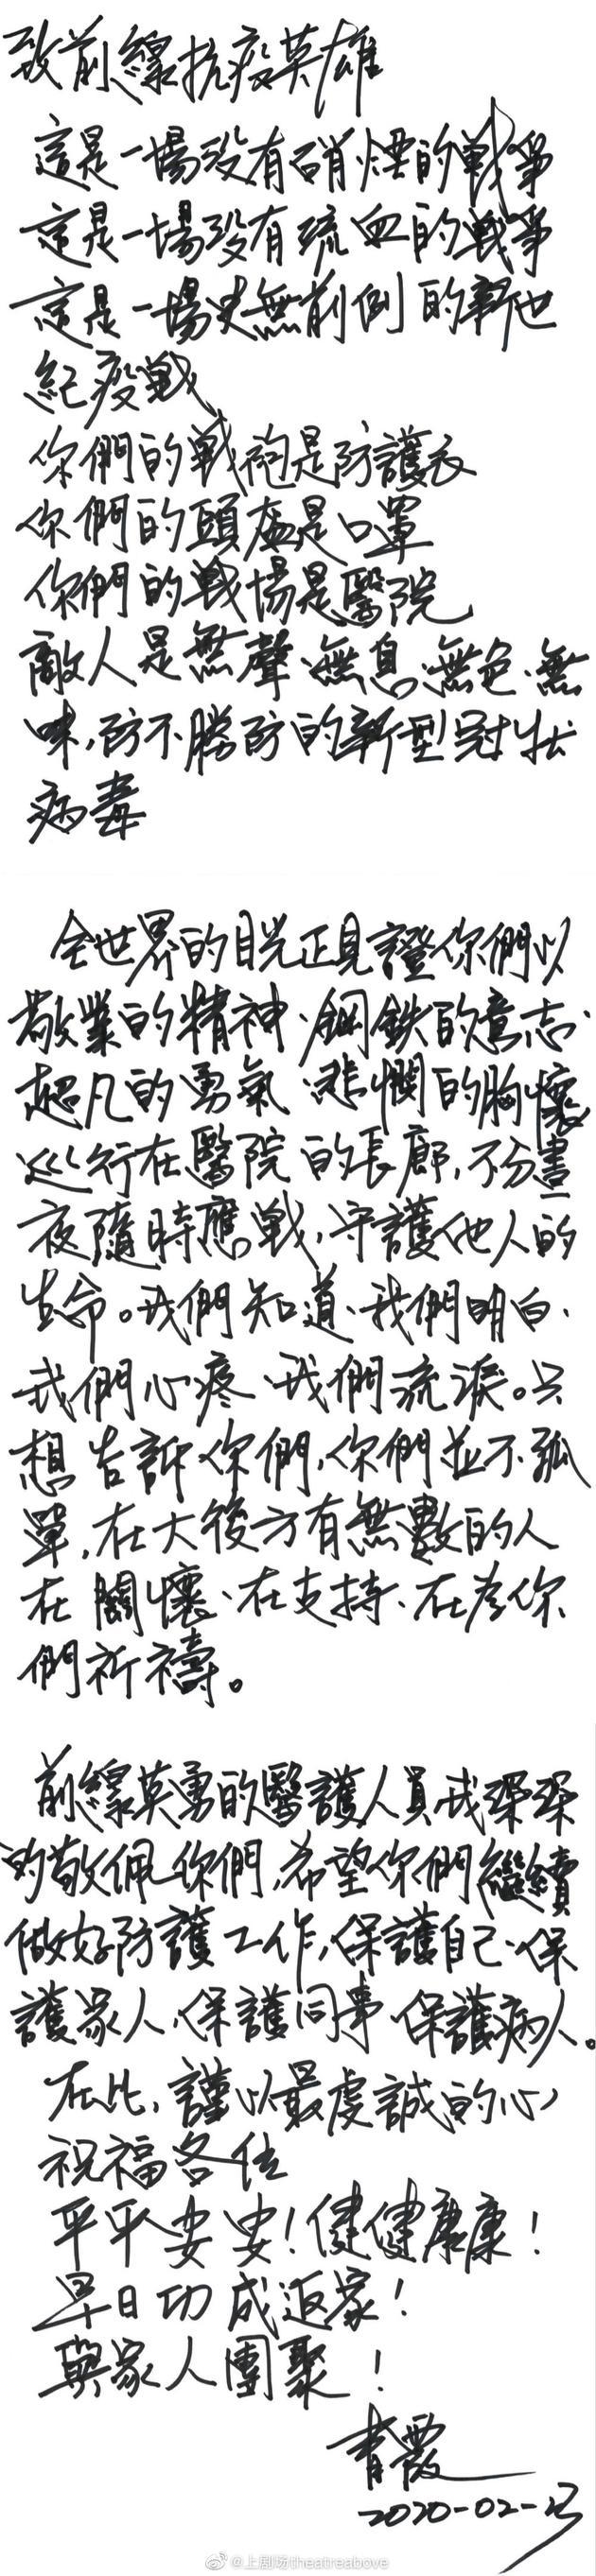 林青霞写亲笔信致敬前线抗疫英雄